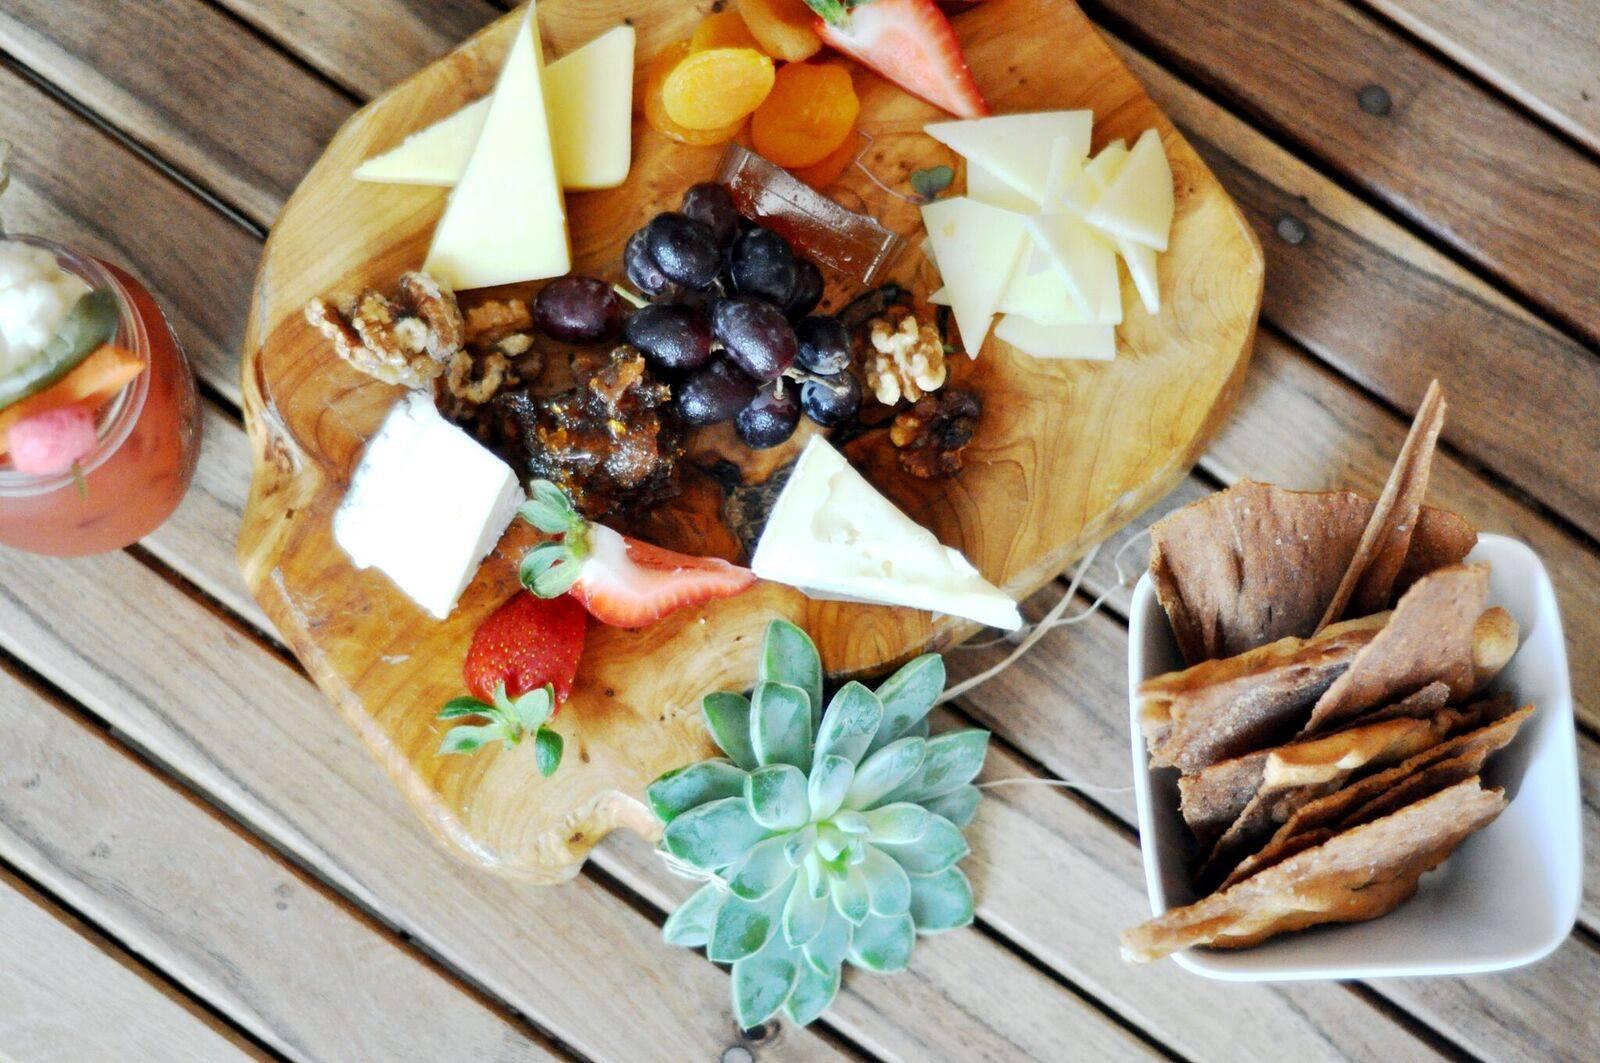 The cheese board at Walton's